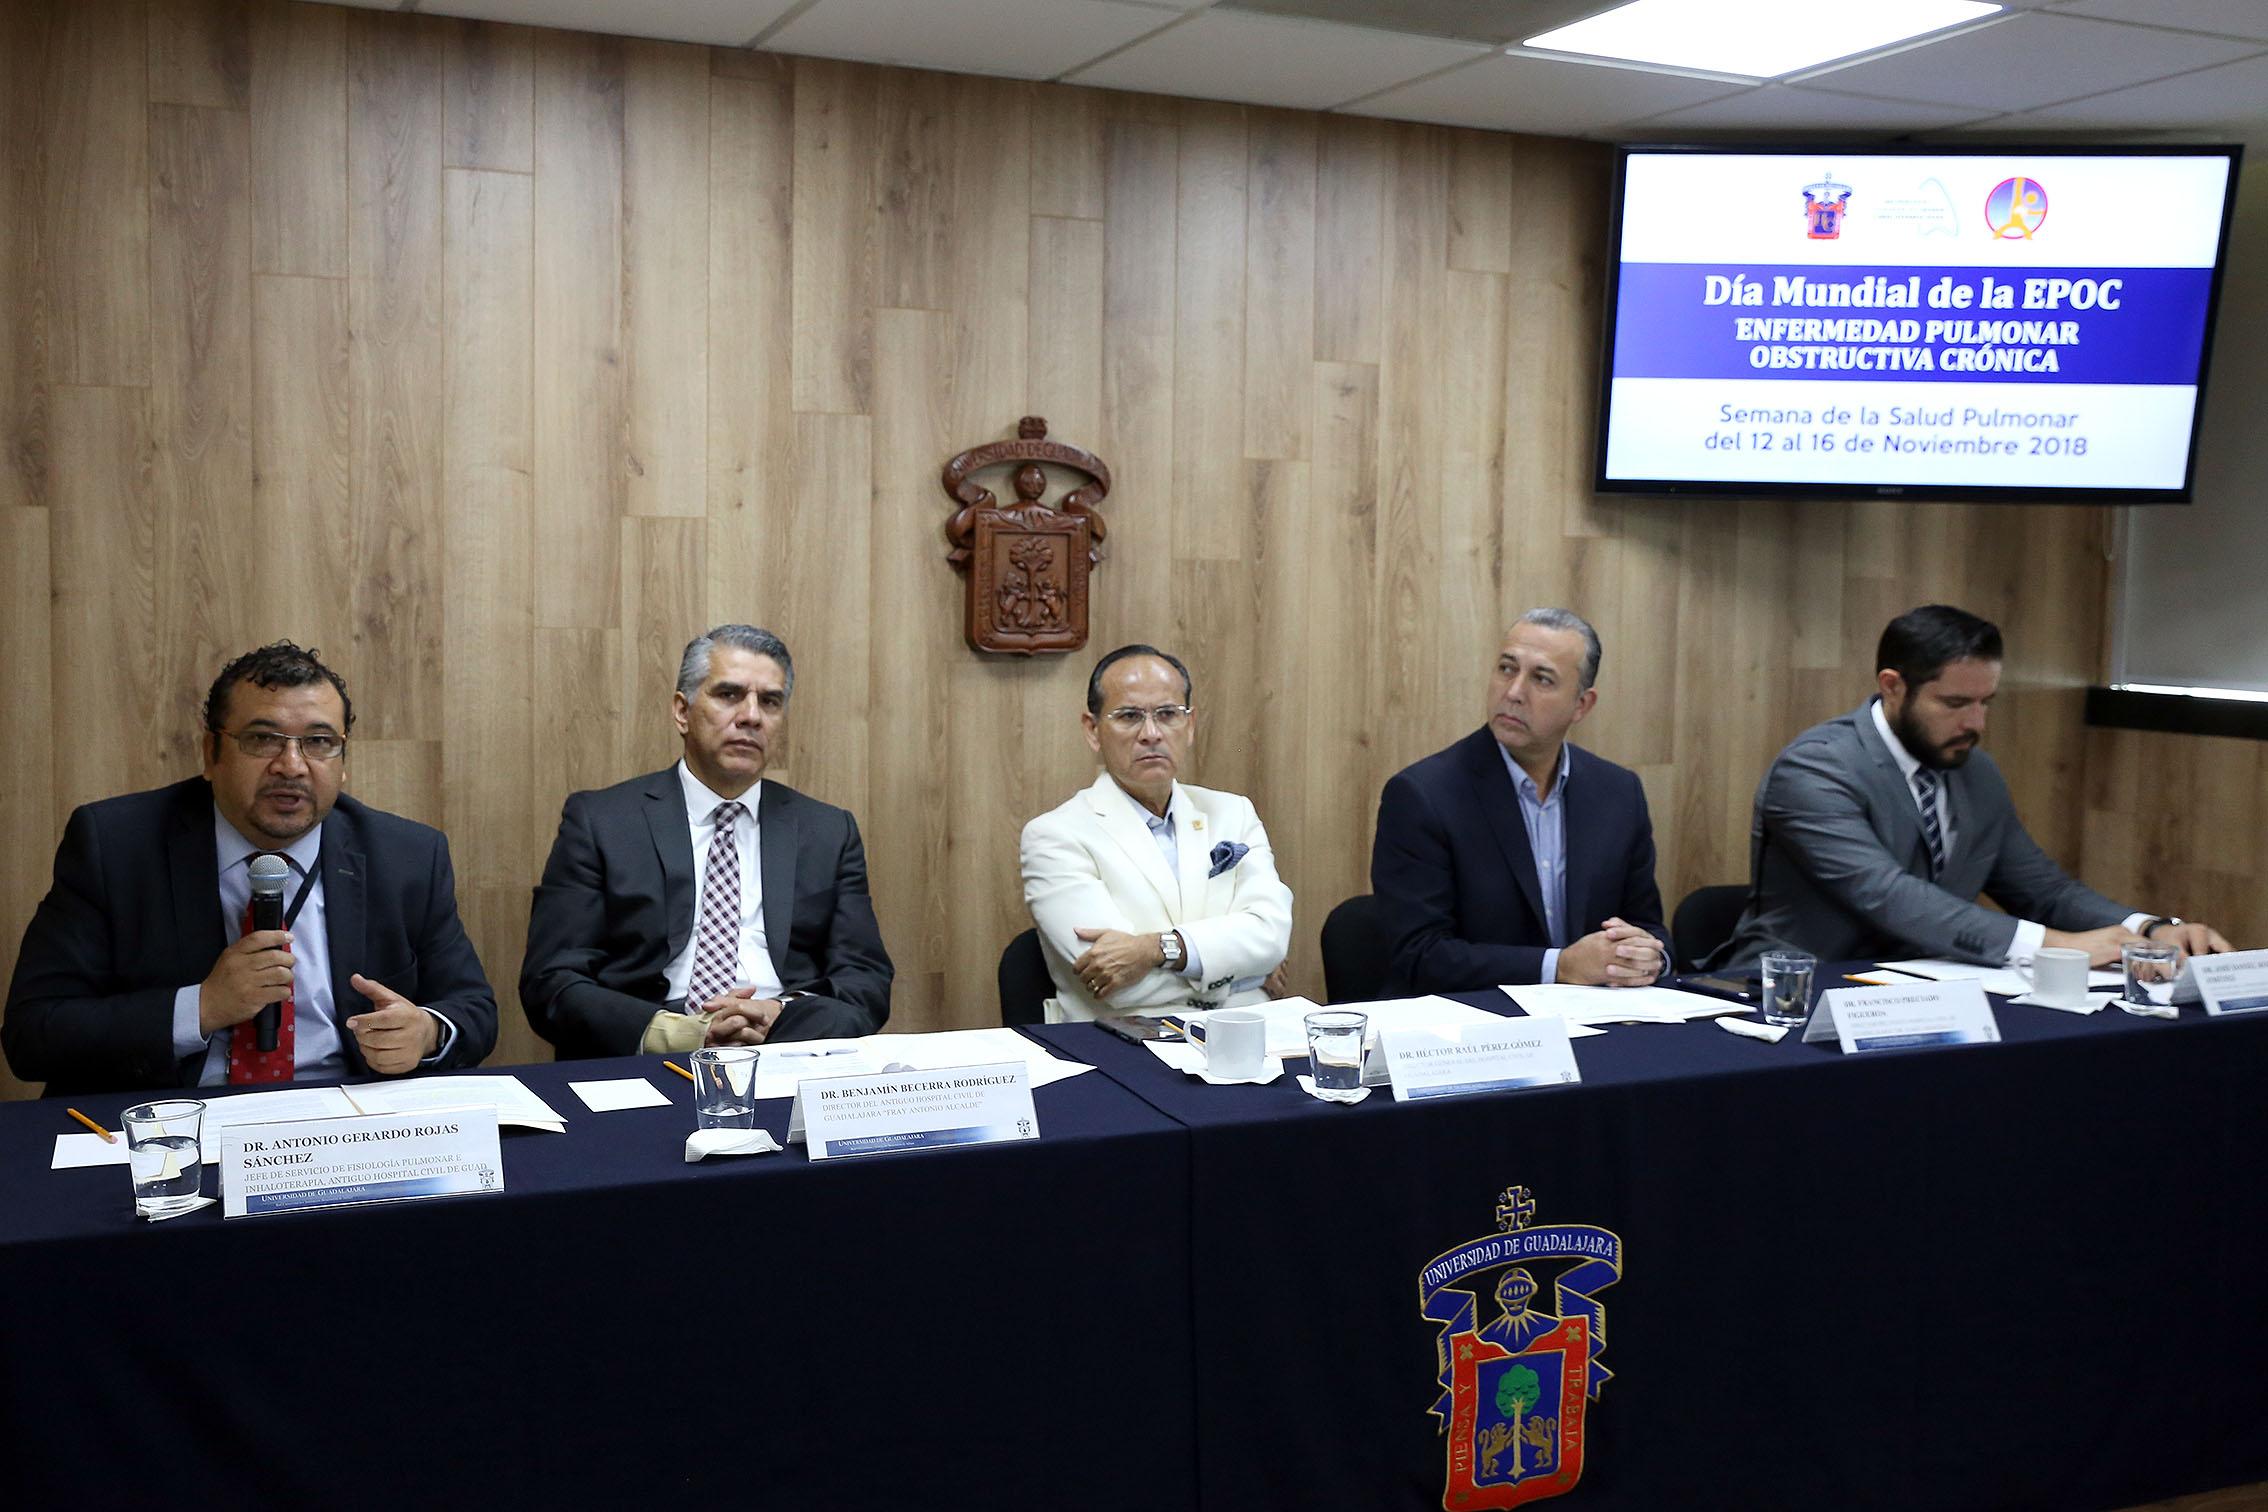 Cinco medicos del Hospital Civil de Guadalajara sentados en la mesa de presidium